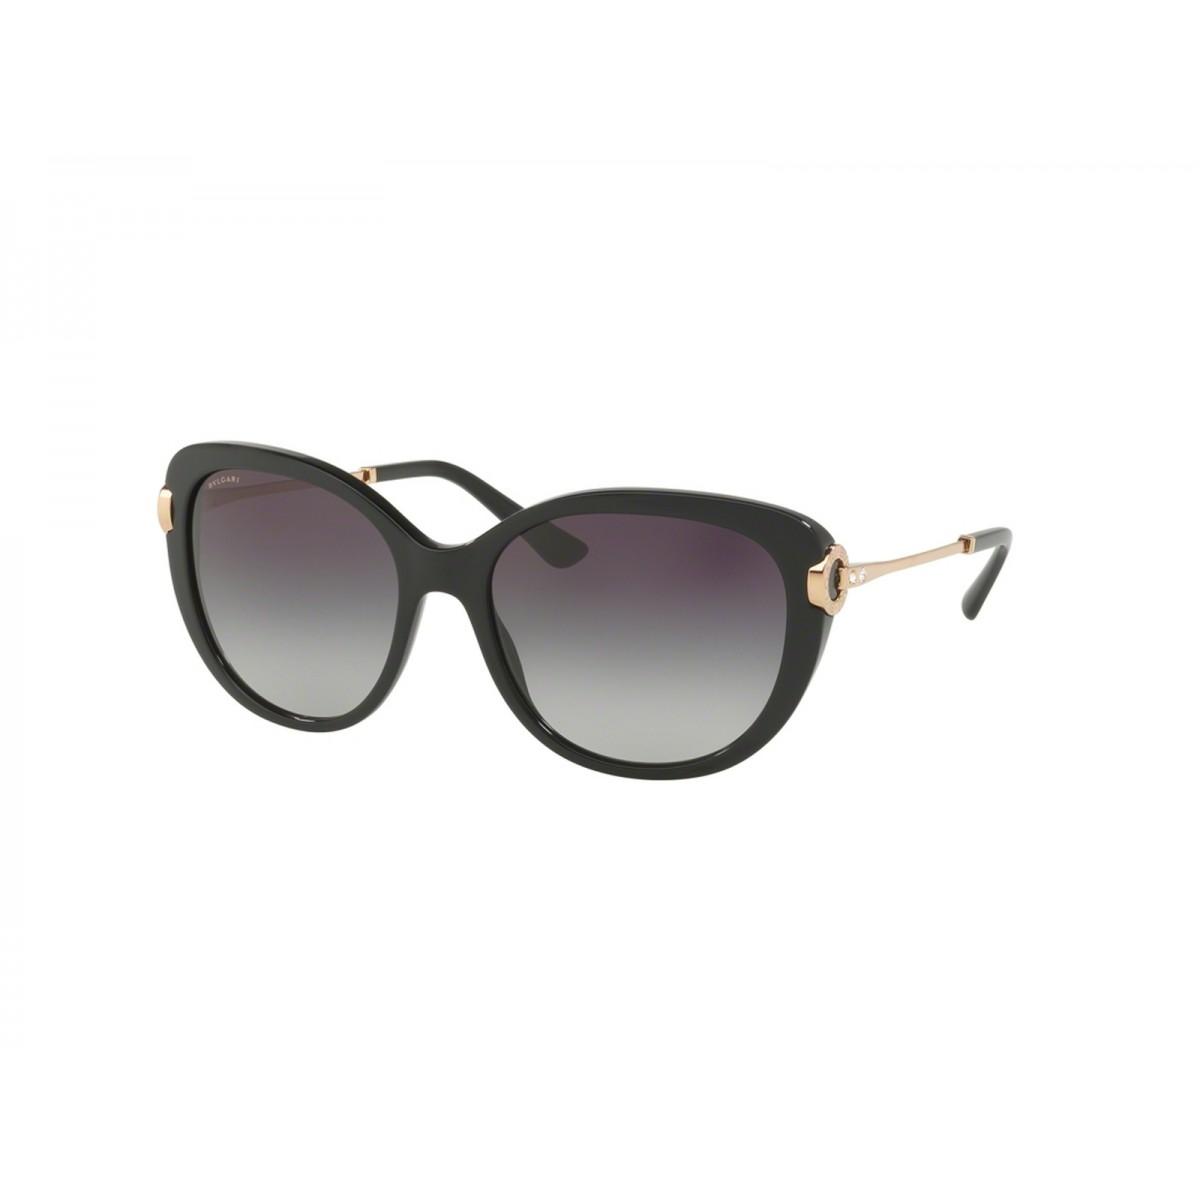 1ce0f6d7e6bd Bvlgari Try Black Square Women Sunglasses BV8194B-501 8G-57 - Women  Sunglasses - Sunglasses - Fashion World